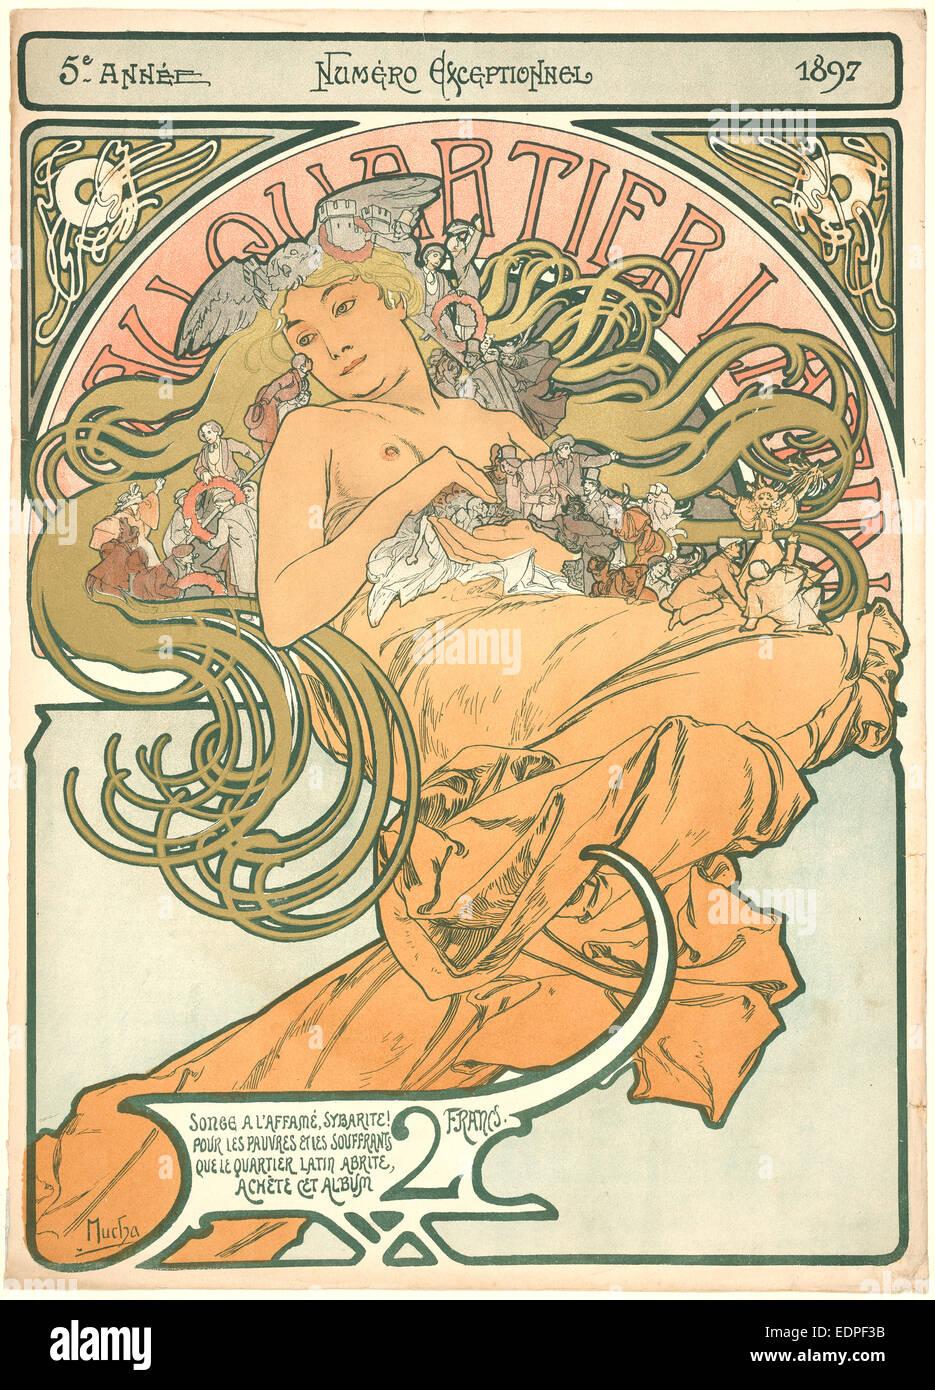 Alphonse Mucha (ceco, 1860 - 1939). Au Quartier Latin, 1897. Litografia a colori stampato in 6 colori su carta intessuta Immagini Stock